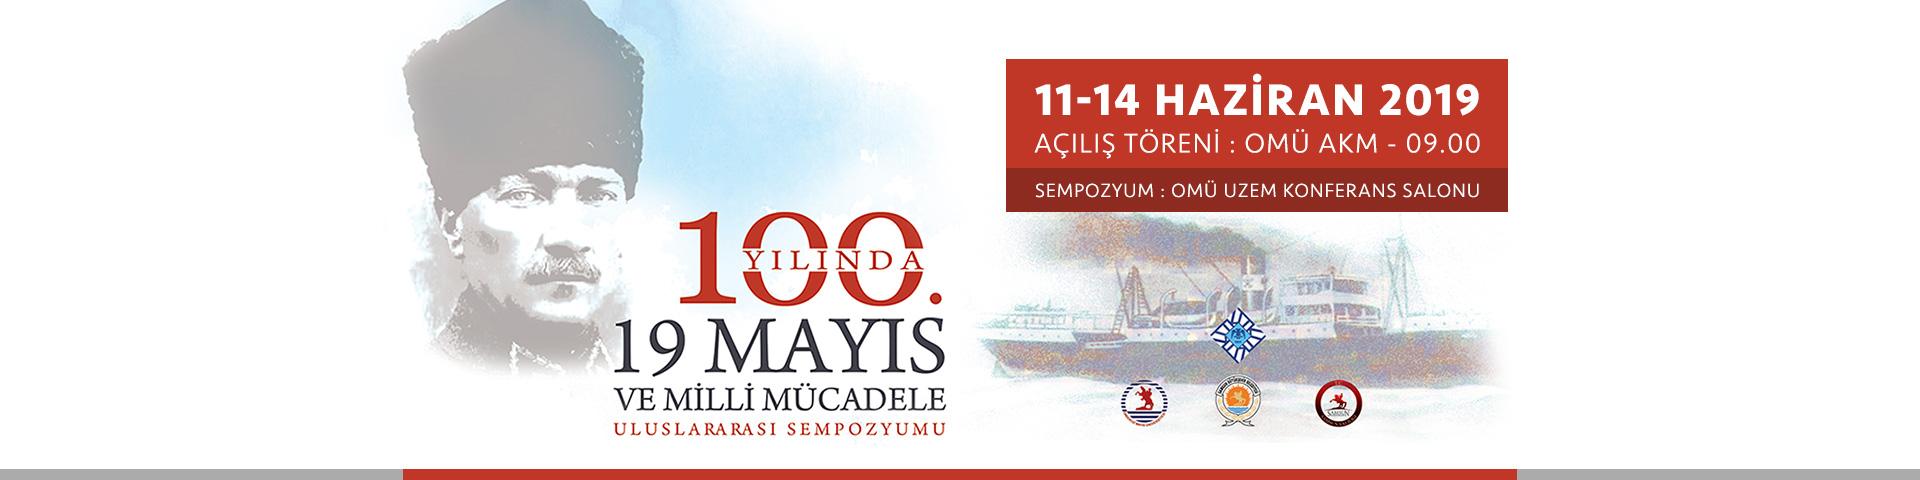 100. Yılında 19 Mayıs ve Millî Mücadele Uluslararası Sempozyumu